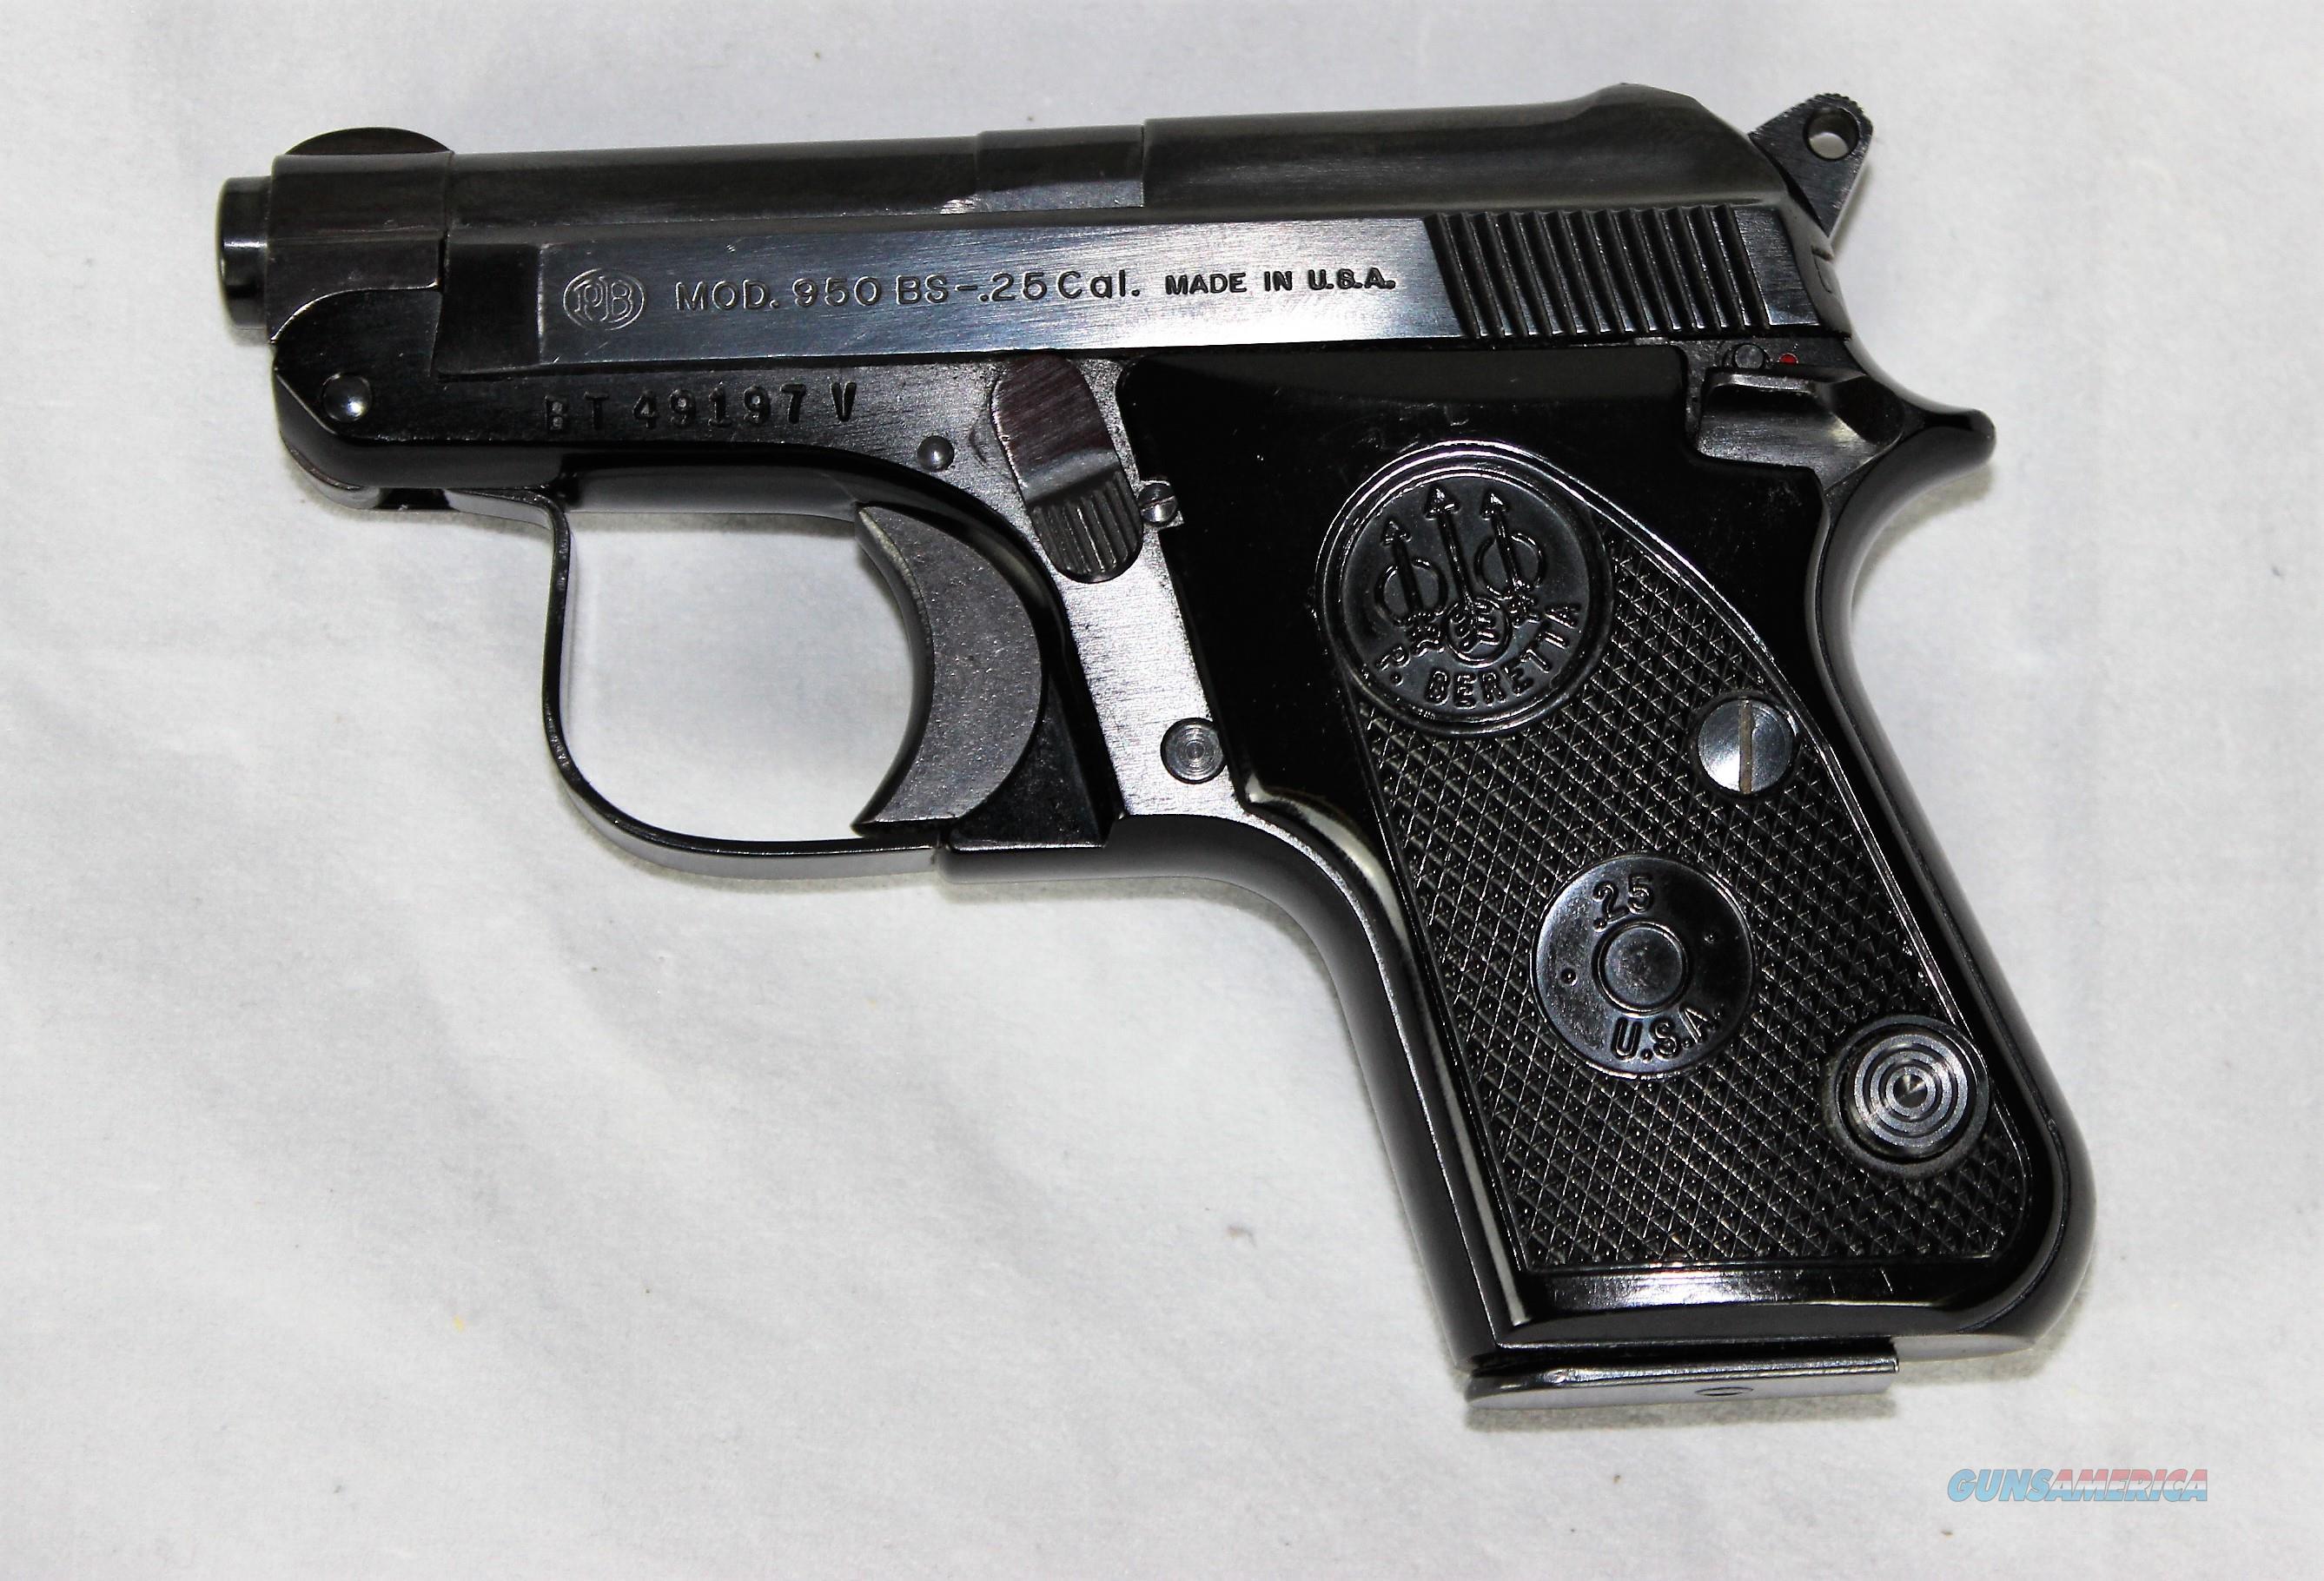 Beretta 950 BS  25 cal pistol, tip up barrel